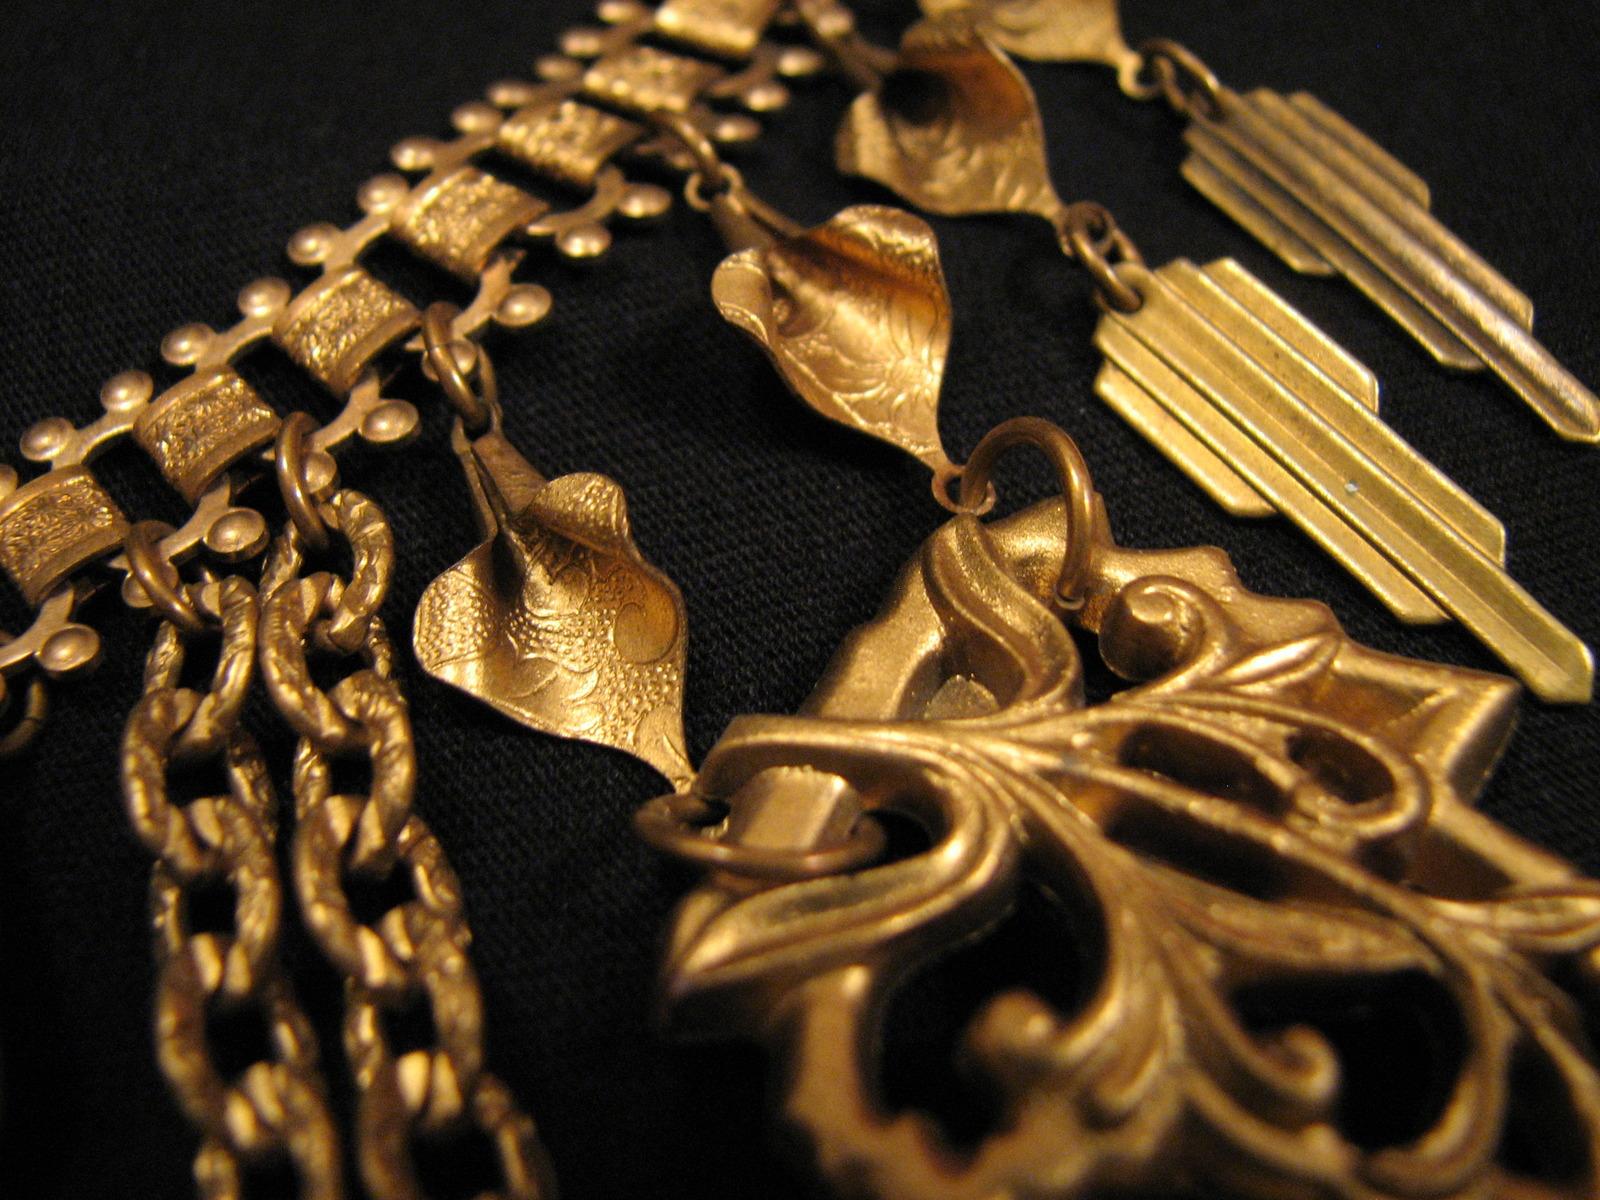 Antique Miriam Haskell Gold Gilt Bakelite Ivy Leaf Book Chain Bib Necklace